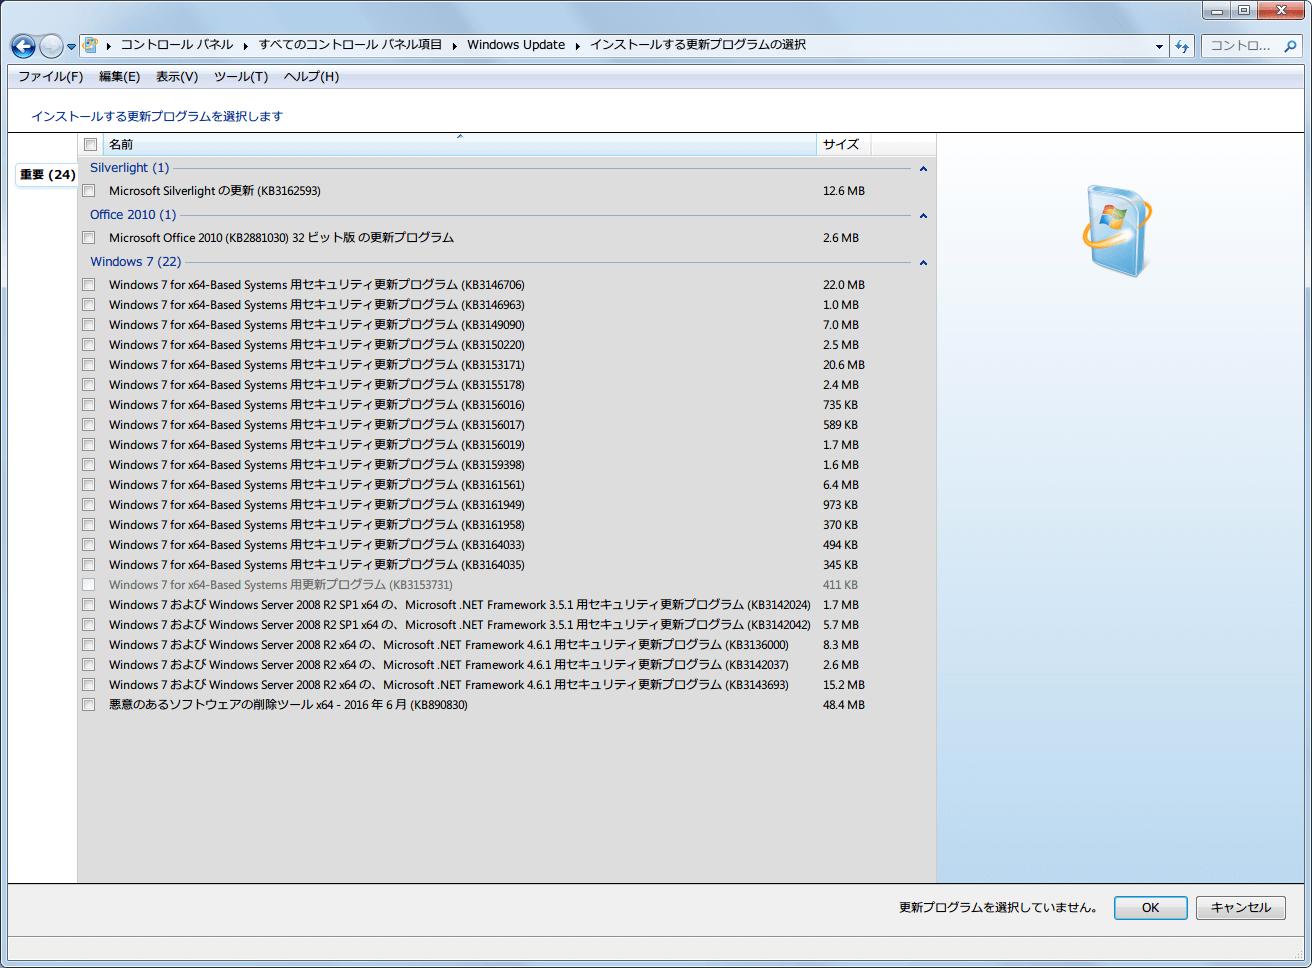 Windows 7 64bit Windows Update 重要 2016年4月~6月分リスト 更新プログラム KB2952664、KB3035583、KB3123862、KB3138378、KB3139923、KB3140245、KB3147071、KB3162835 非表示後に表示された KB3153731 を非表示